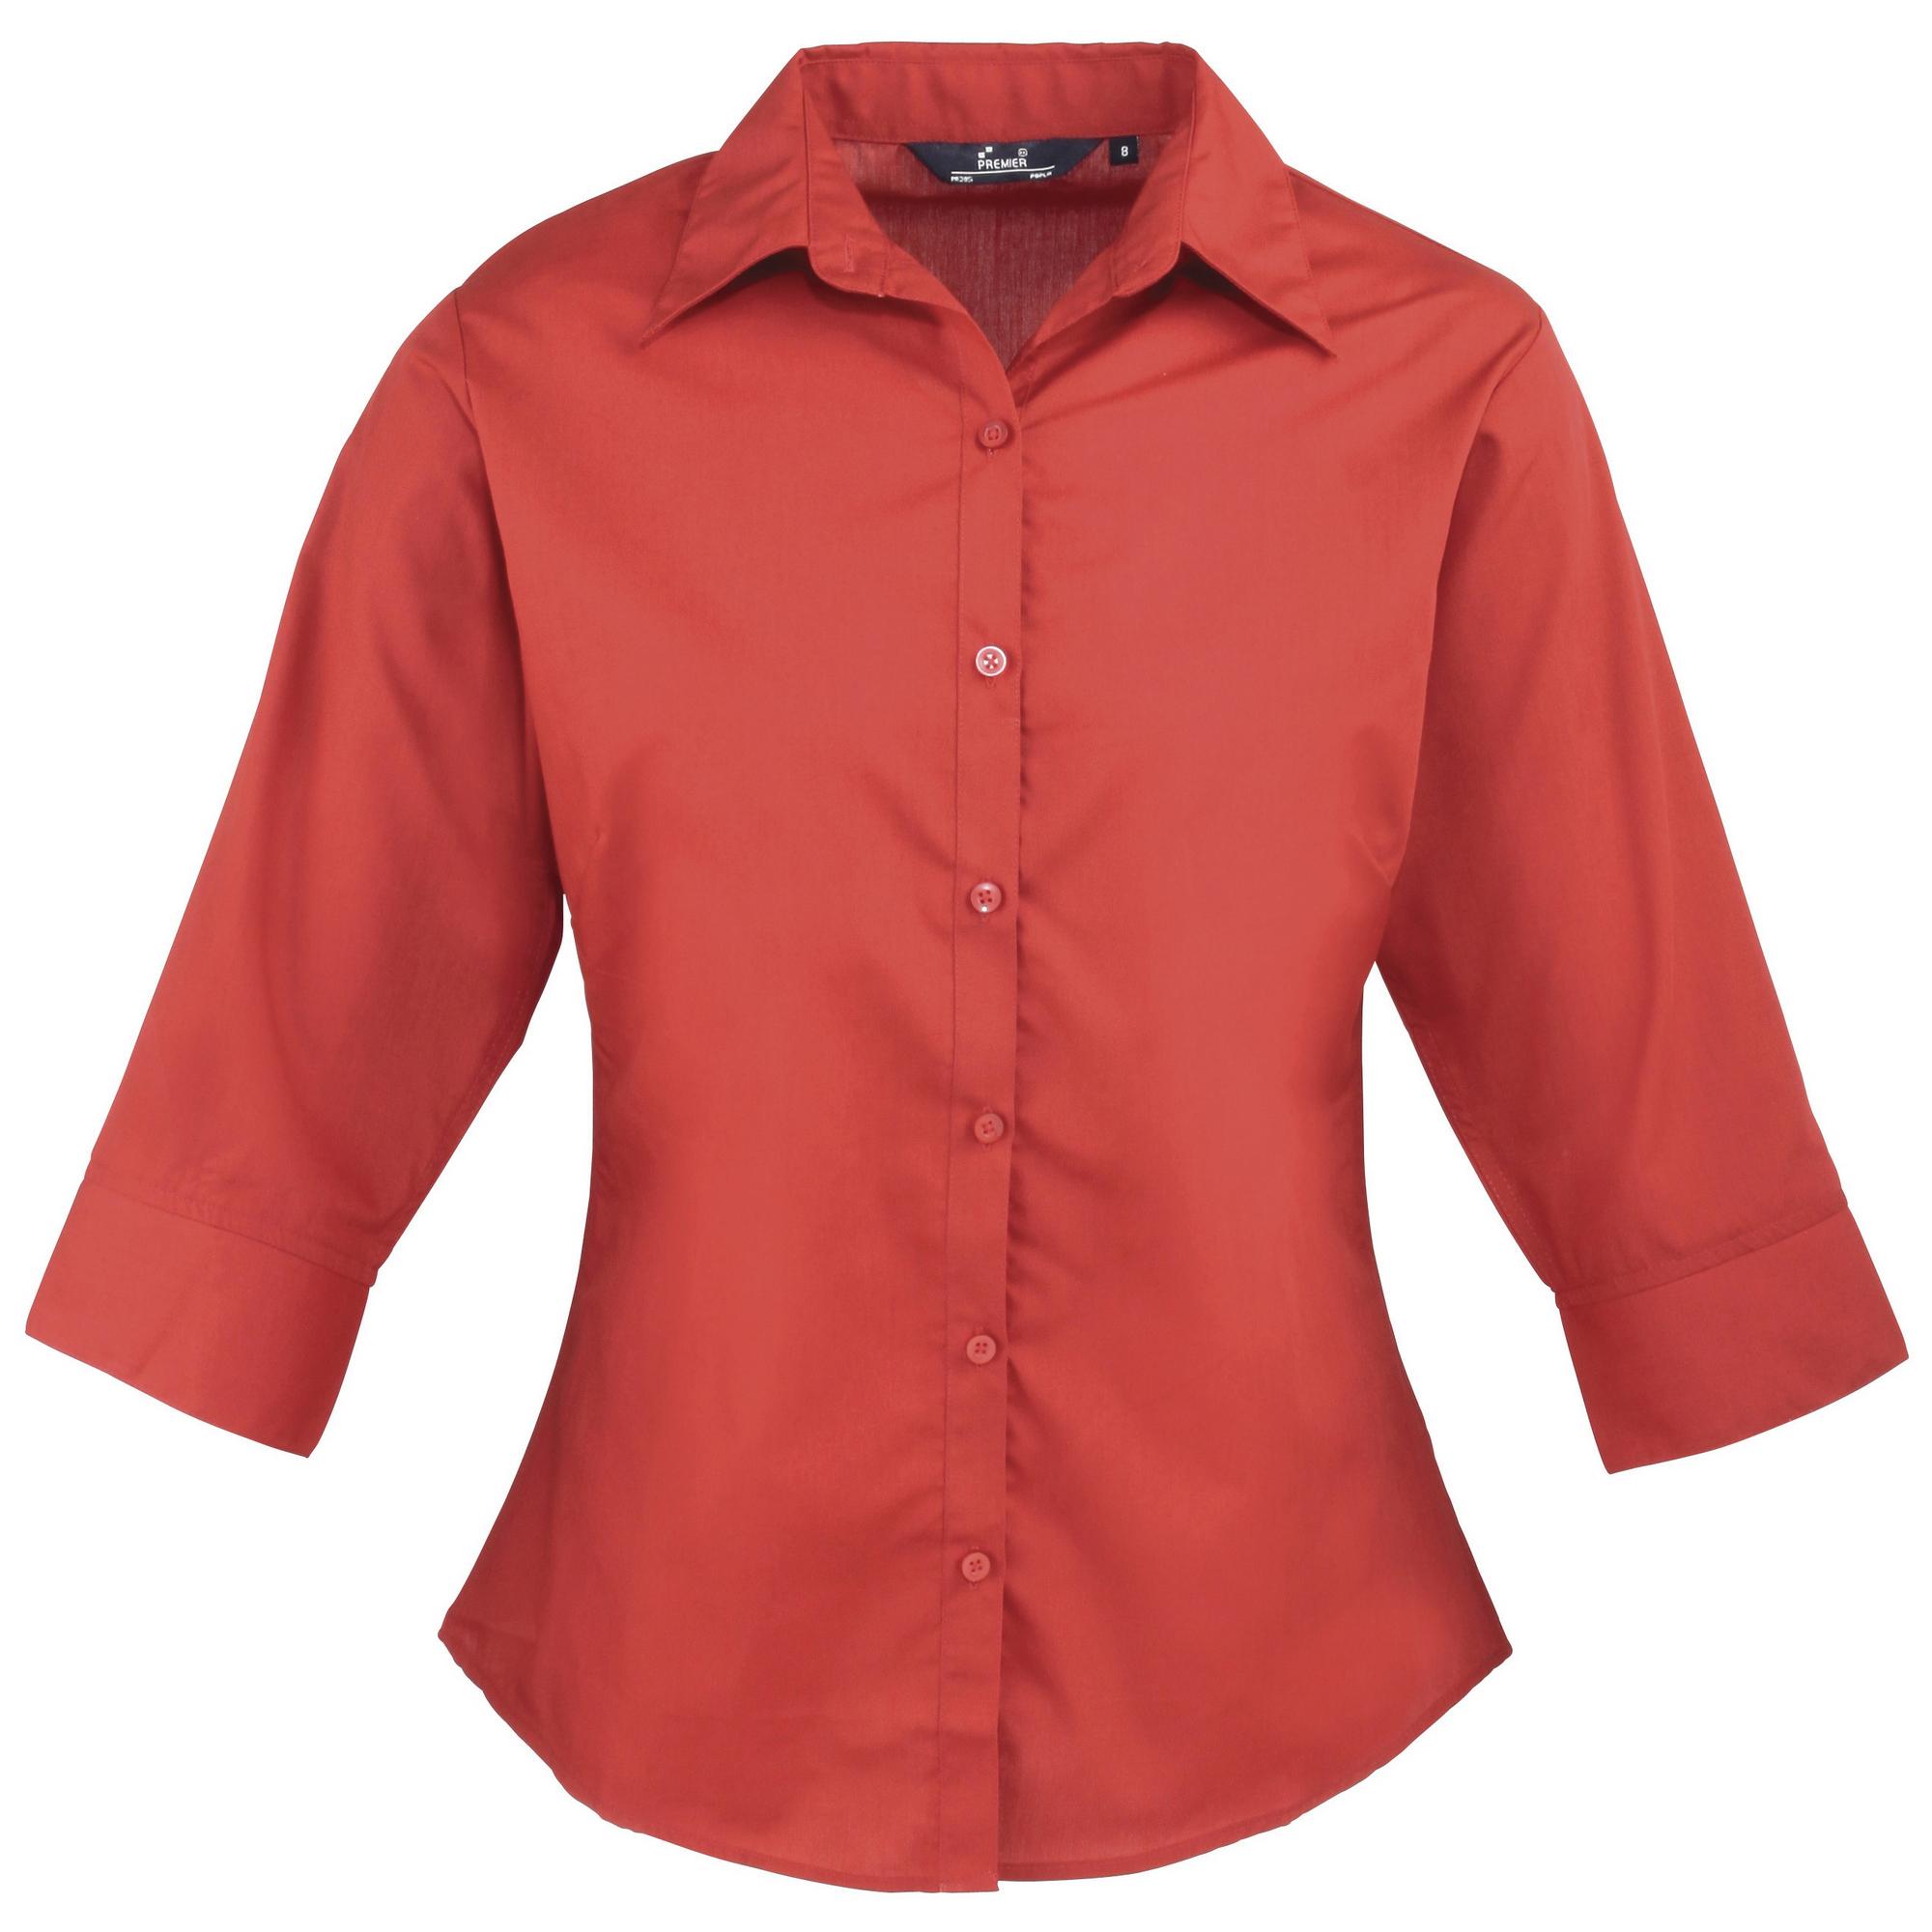 Womens Ladies Premier 3 4 Sleeve Poplin Blouse Plain Work